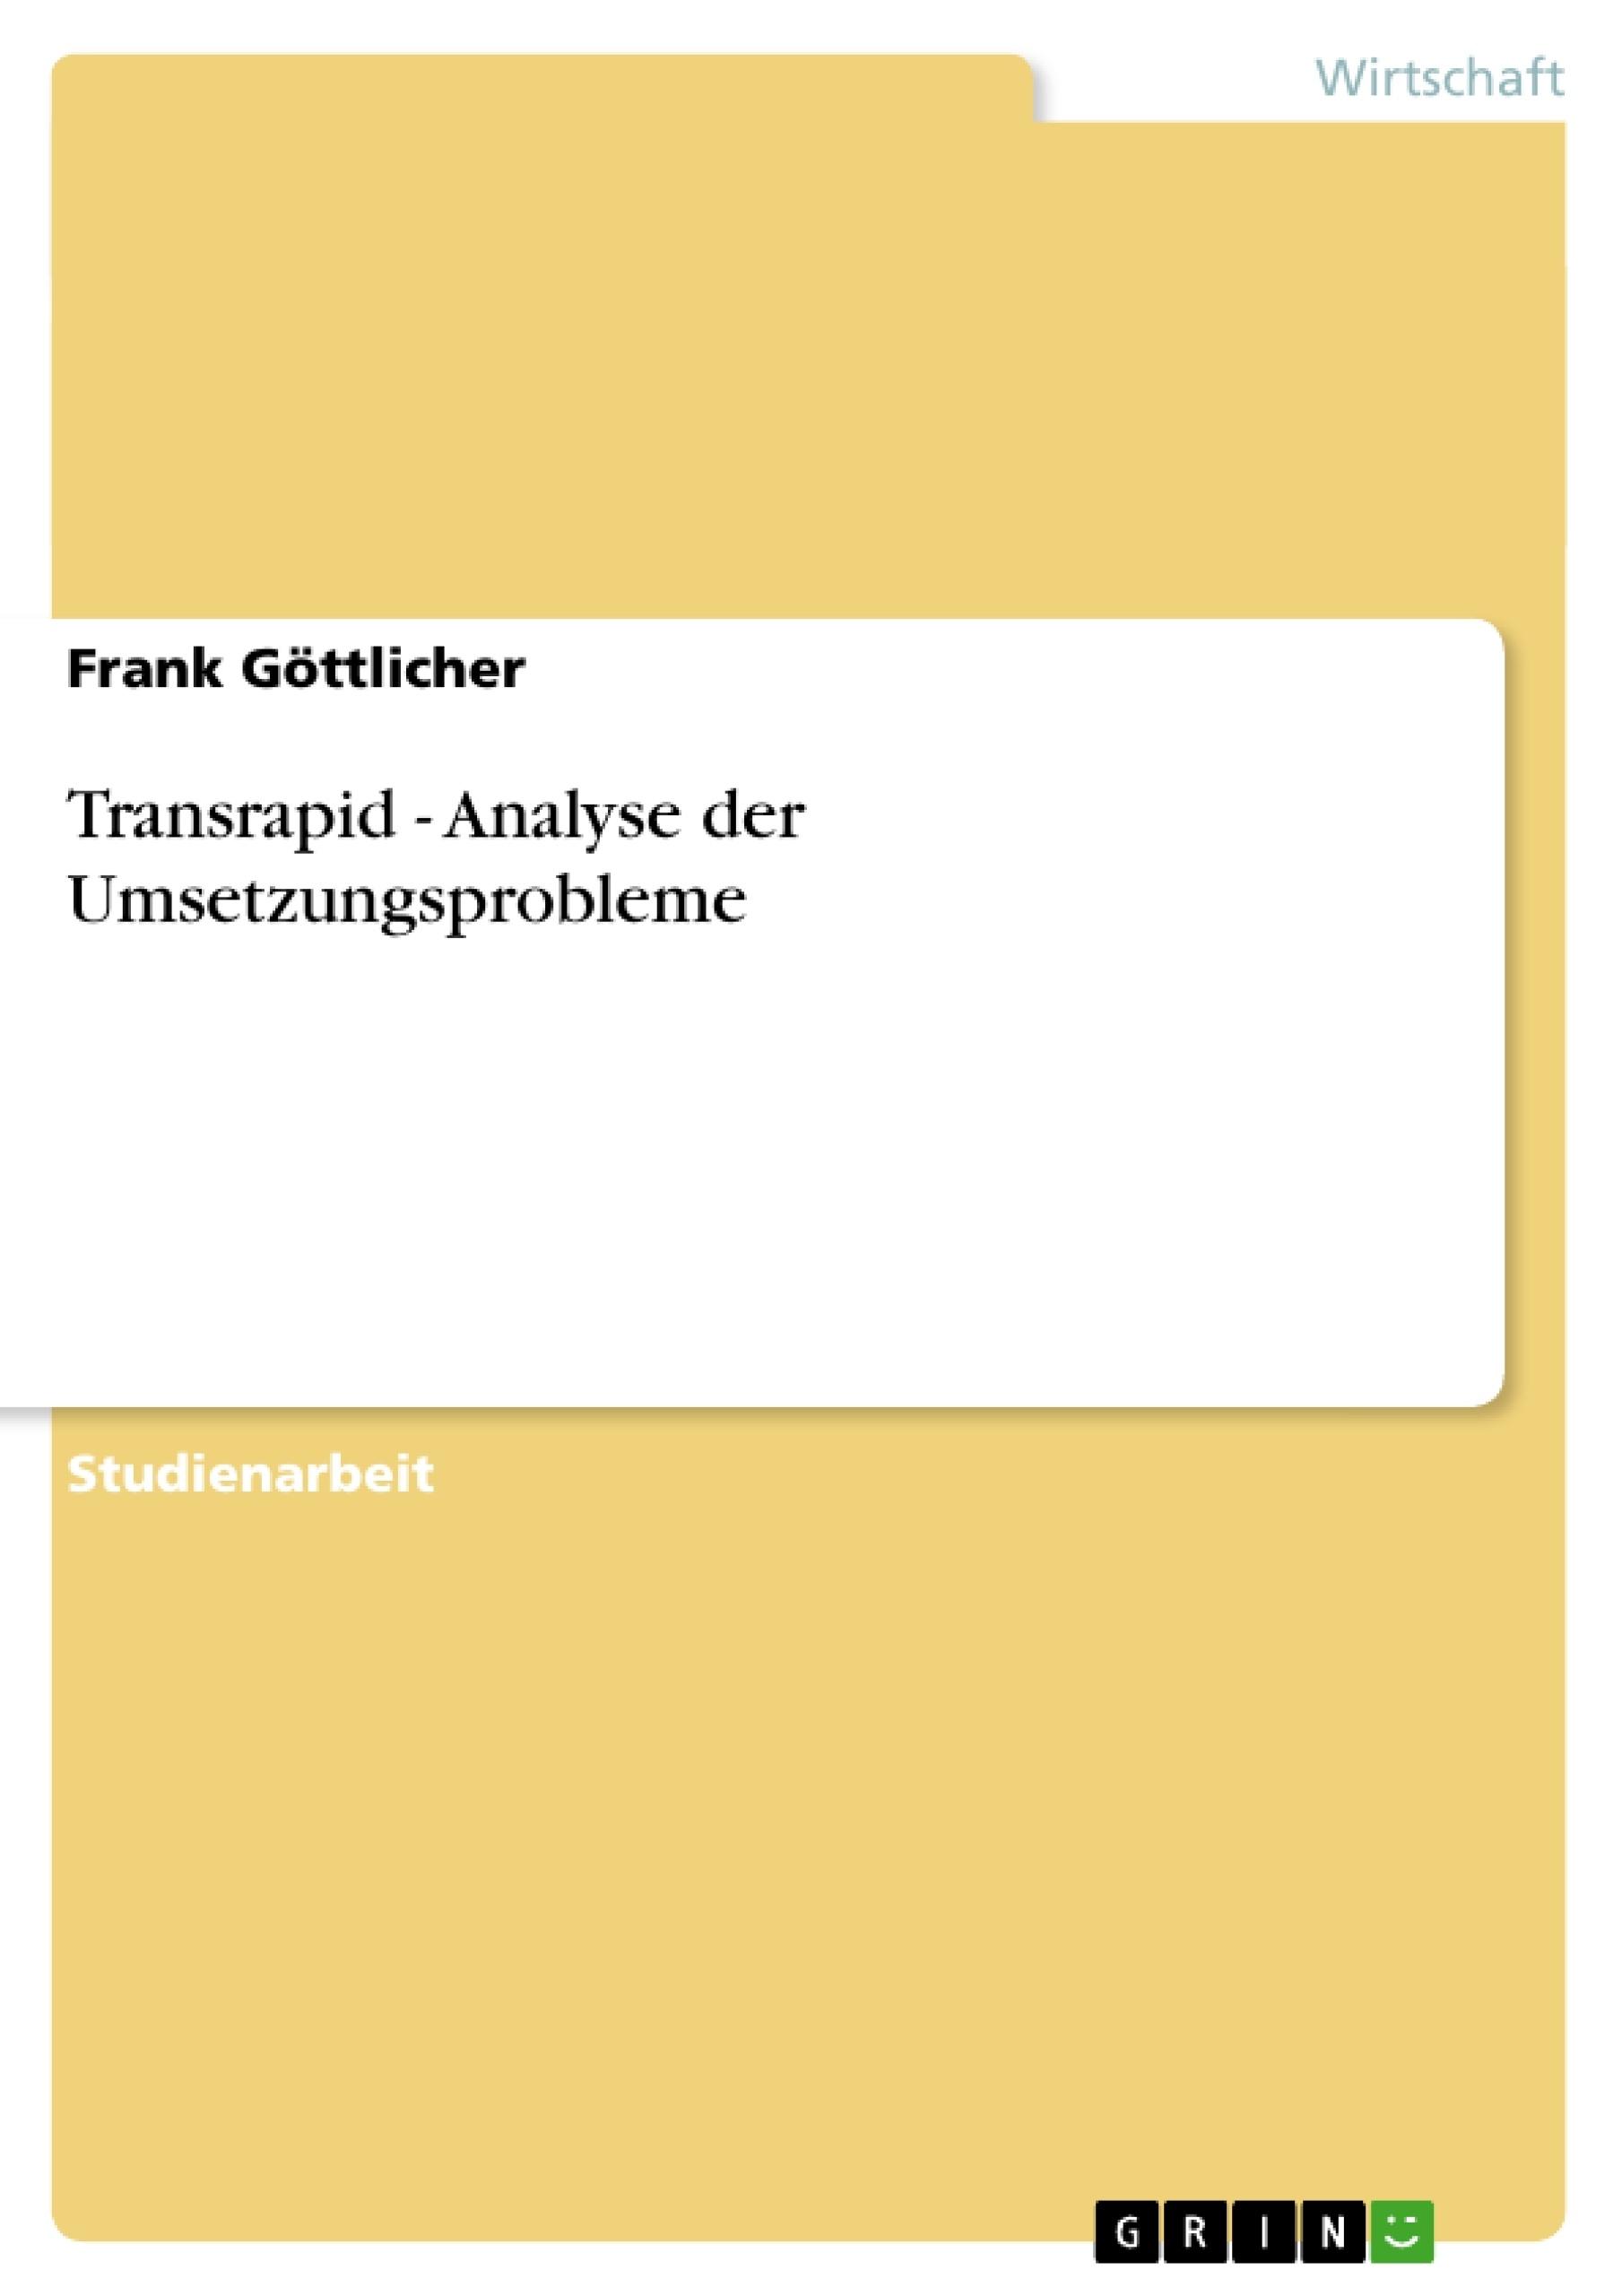 Titel: Transrapid - Analyse der Umsetzungsprobleme